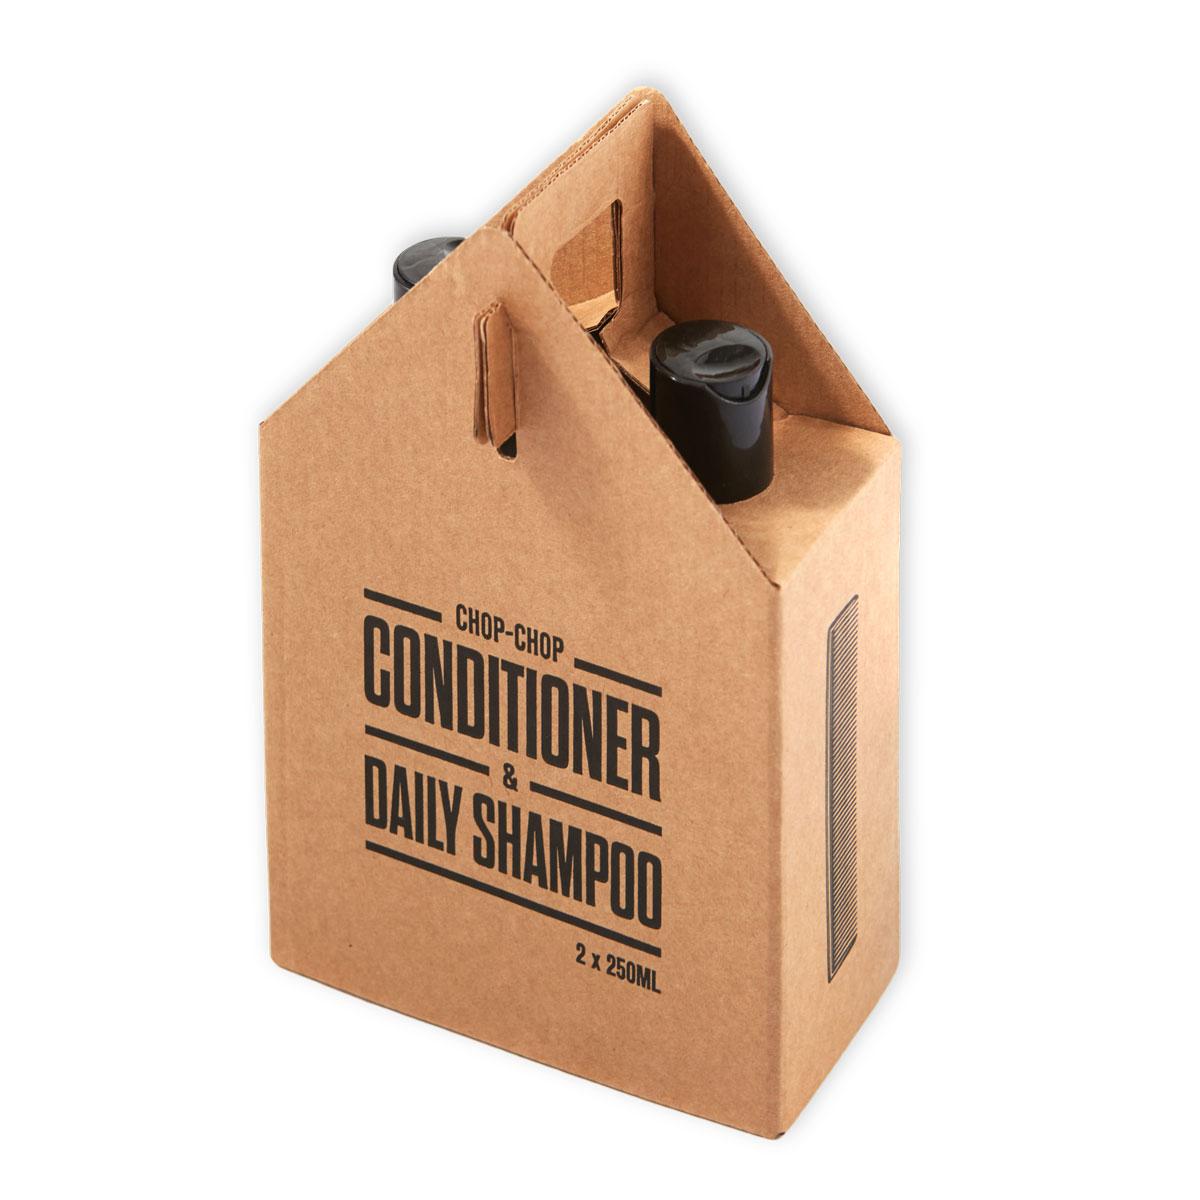 Chop-Chop Комбо набор Шампунь 250 мл и Кондиционер 250 млFS-00610Тот случай, когда за формулу «два-в-одном» не стыдно. Шампунь и кондиционер Chop-Chop в одном наборе, в экологической, полностью разлагаемой упаковке. Разработан при особом участии мастеров самой крупной сети парикмахерских для мужчин Chop-Chop, руки которых имели тенденцию страдать от постоянного воздействия обычных шампуней и кондиционеров. Здесь такой проблемы нет. Шампунь бережно относится к коже и волосам – питает их энергией, придает объем и облегчает расчесывание. В основе парфюмерной композиции – бергамот и лаванда. Средство для дополнительного ухода – кондиционер, смягчающий волосы и созданный, чтобы работать в паре с шампунем Chop-Chop. Обладает легким освежающим эффектом.